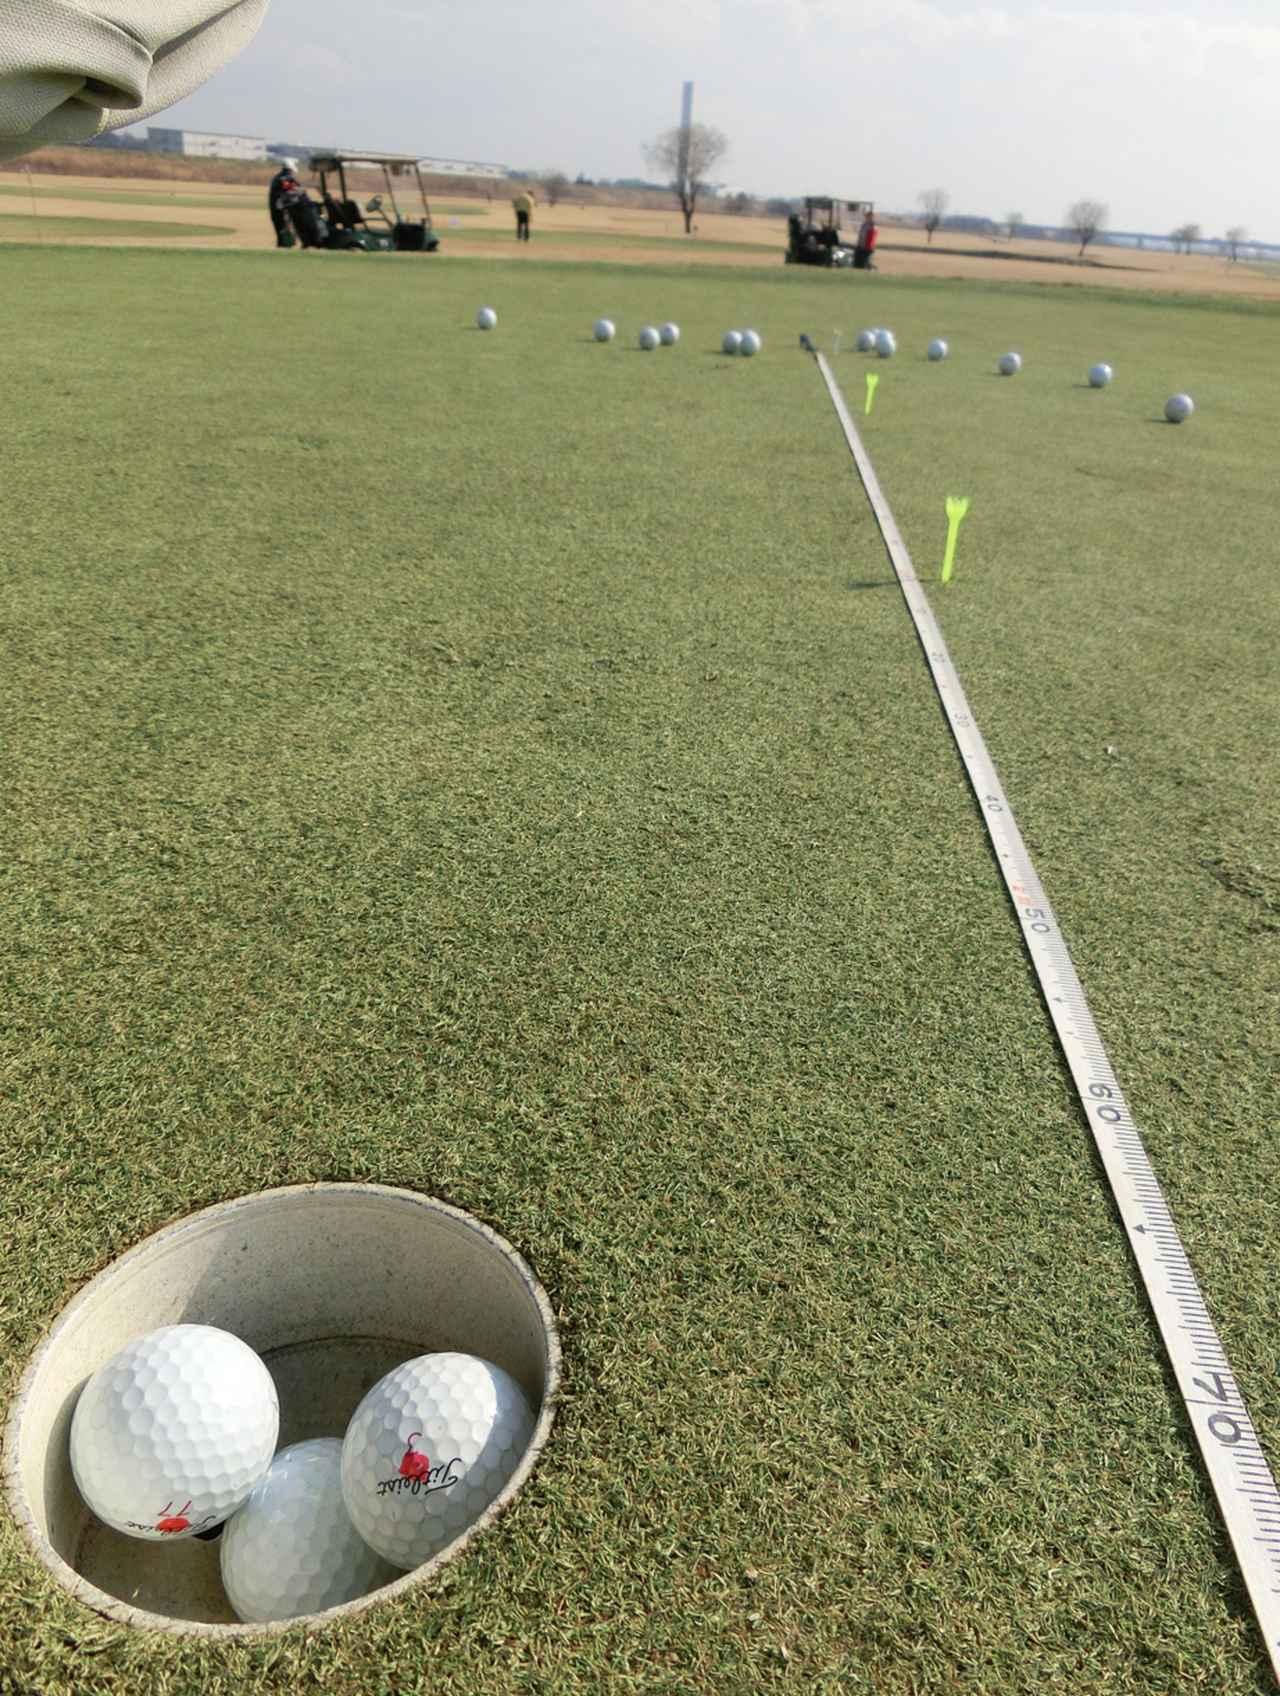 画像: 平地12.5 フィート環境の「下り」平均傾斜2度=(平地で20フィート相当)での実験風景。写真上方14個のボールはカップに触れなかったためカップを2.7メートルオーバーしたもの。カップインしている3個のボールはオーバーしたボールと同じ強さだったが、カップど真ん中を通過しようとしたのでカップインした。